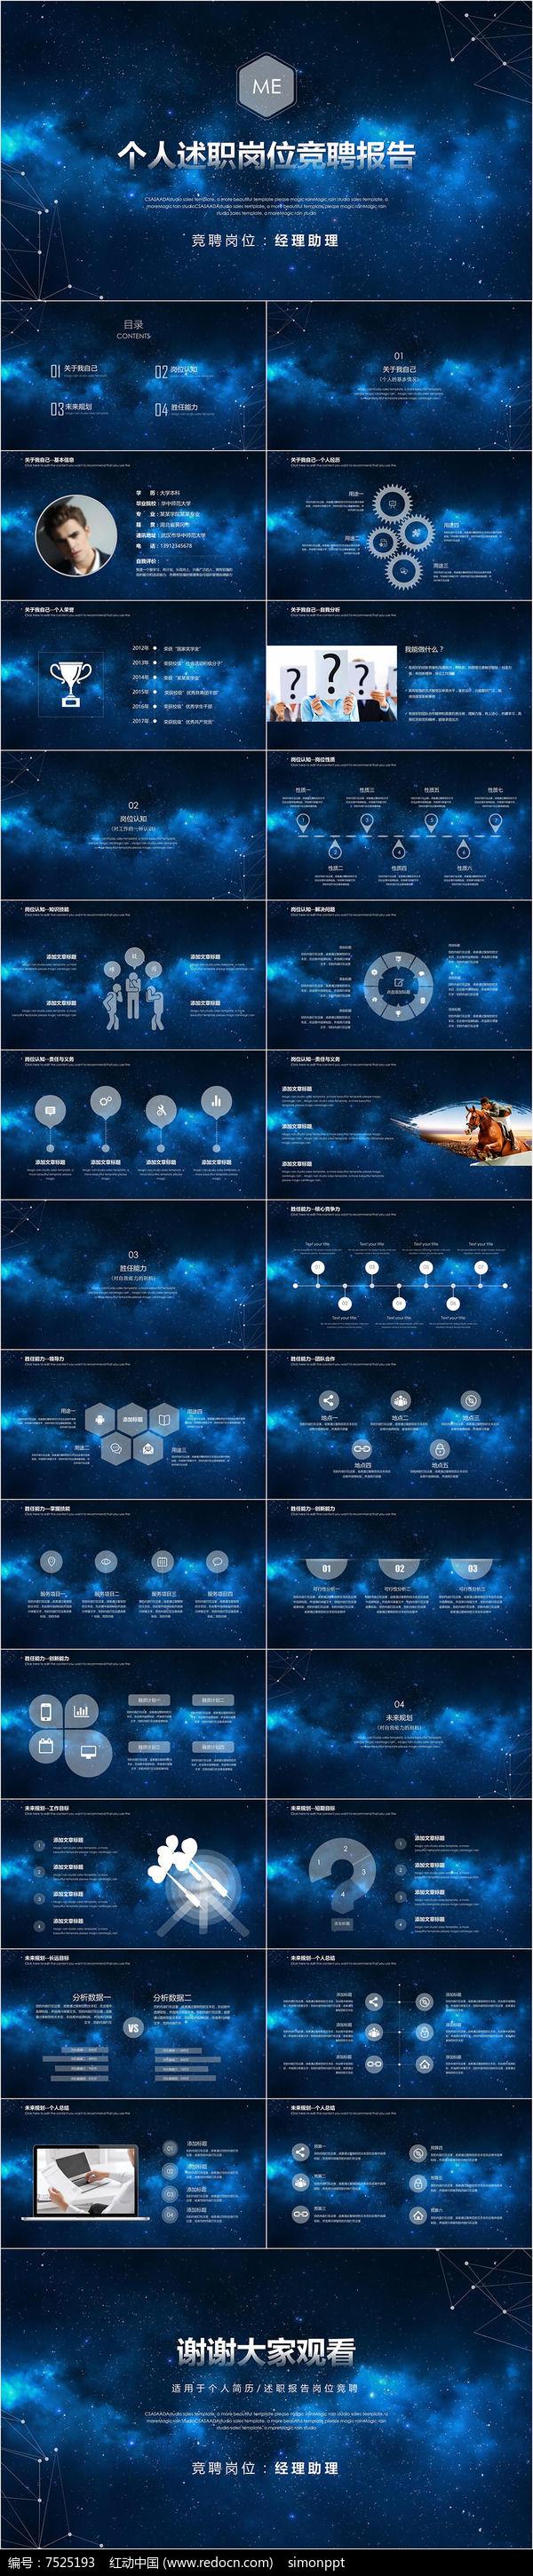 星空科技个人岗位竞聘ppt模板